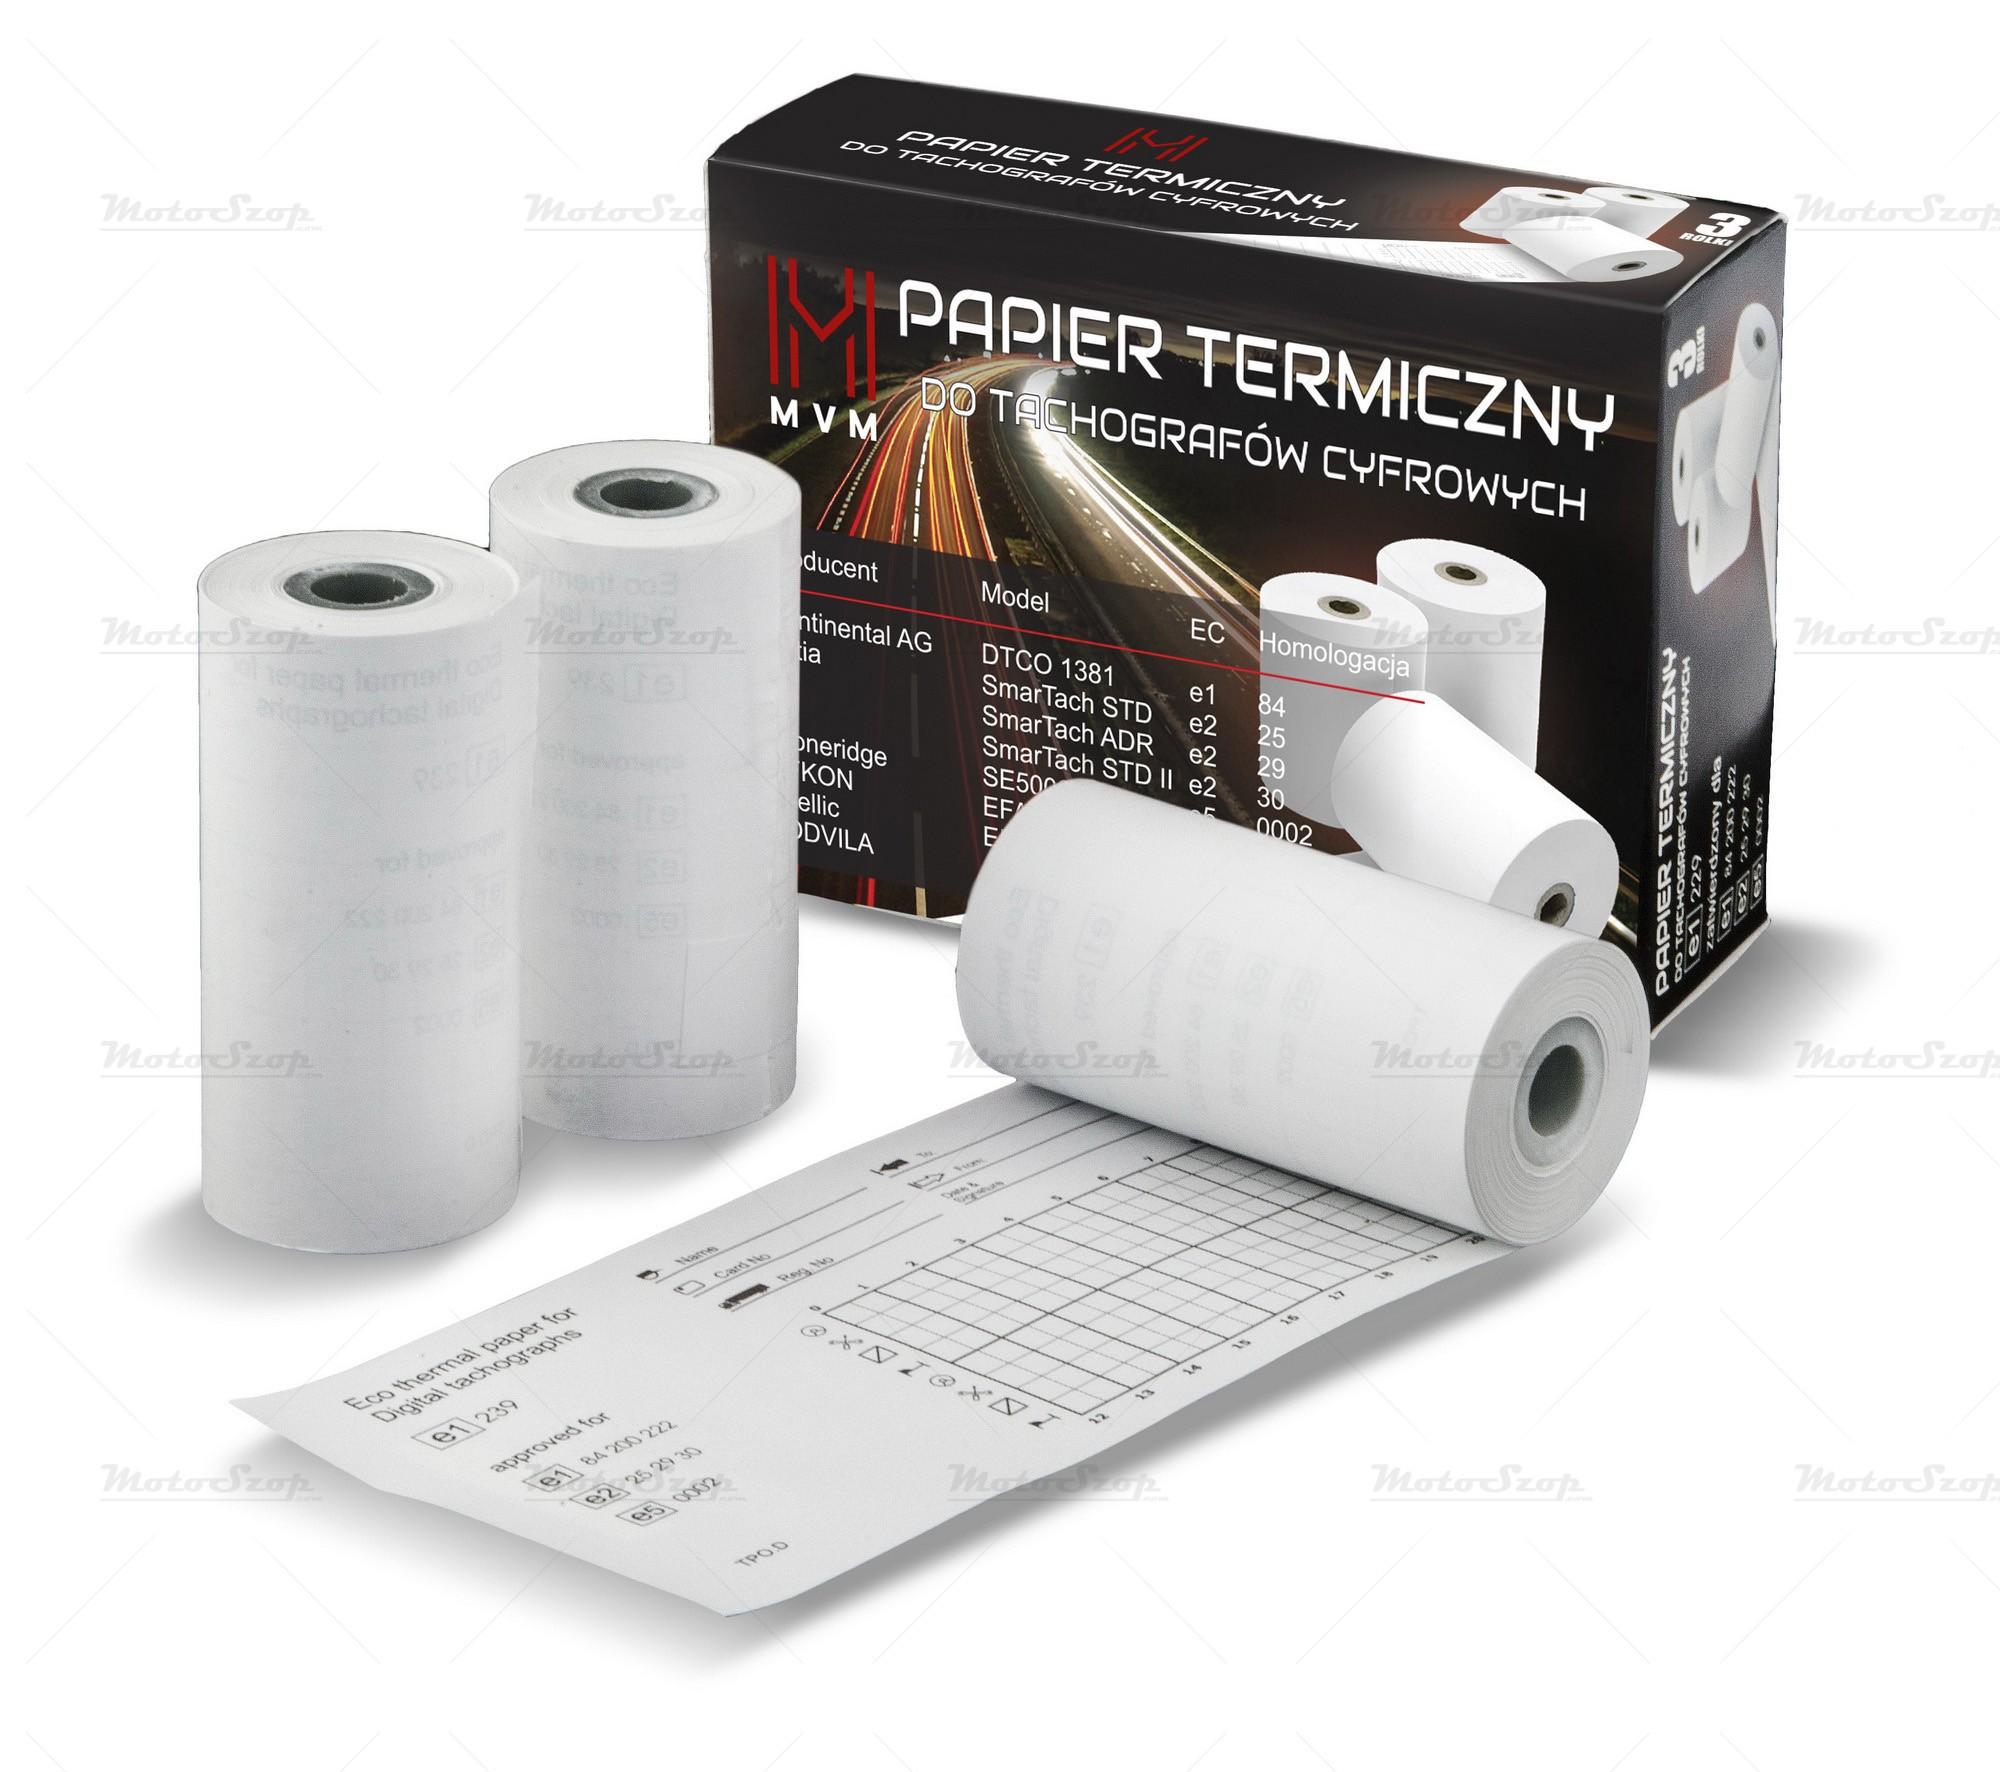 Papier termiczny do tachografów cyfrowych - rolki